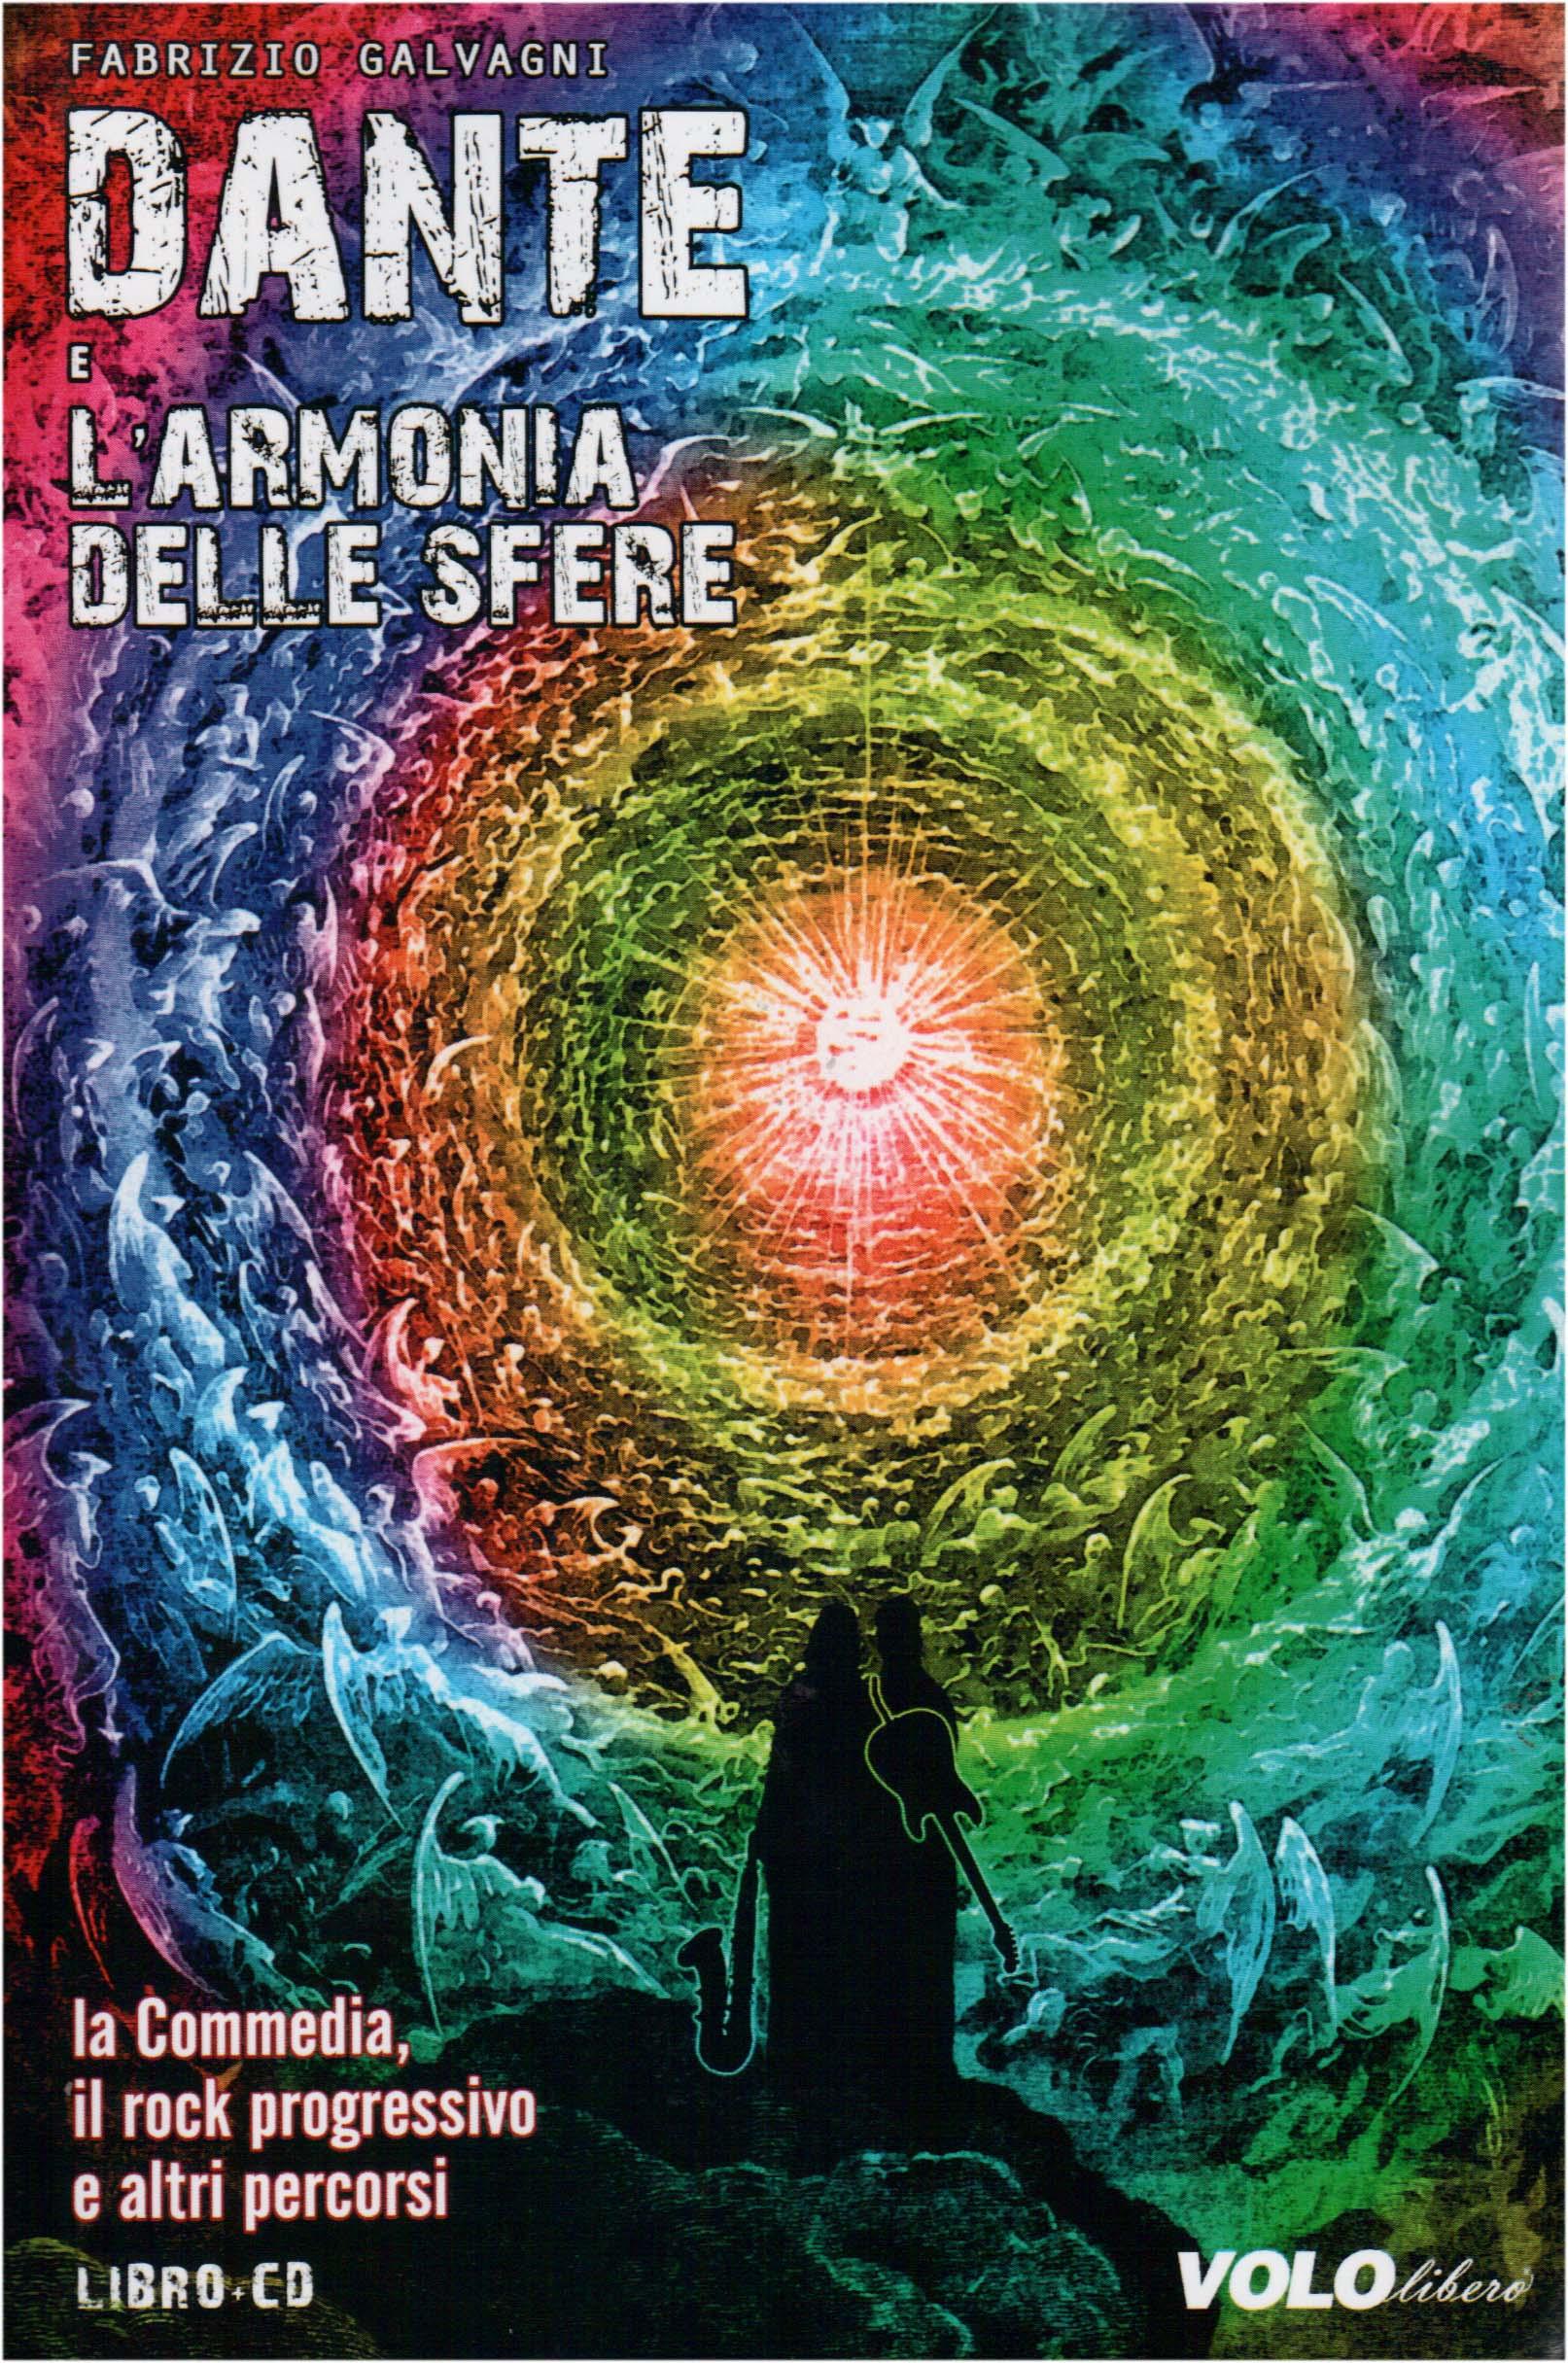 FABRIZIO GALVAGNI - Dante E L'Armonia Delle Sfere - La Comedia, Il Rock Progressivo E Altri Percorsi - Livre